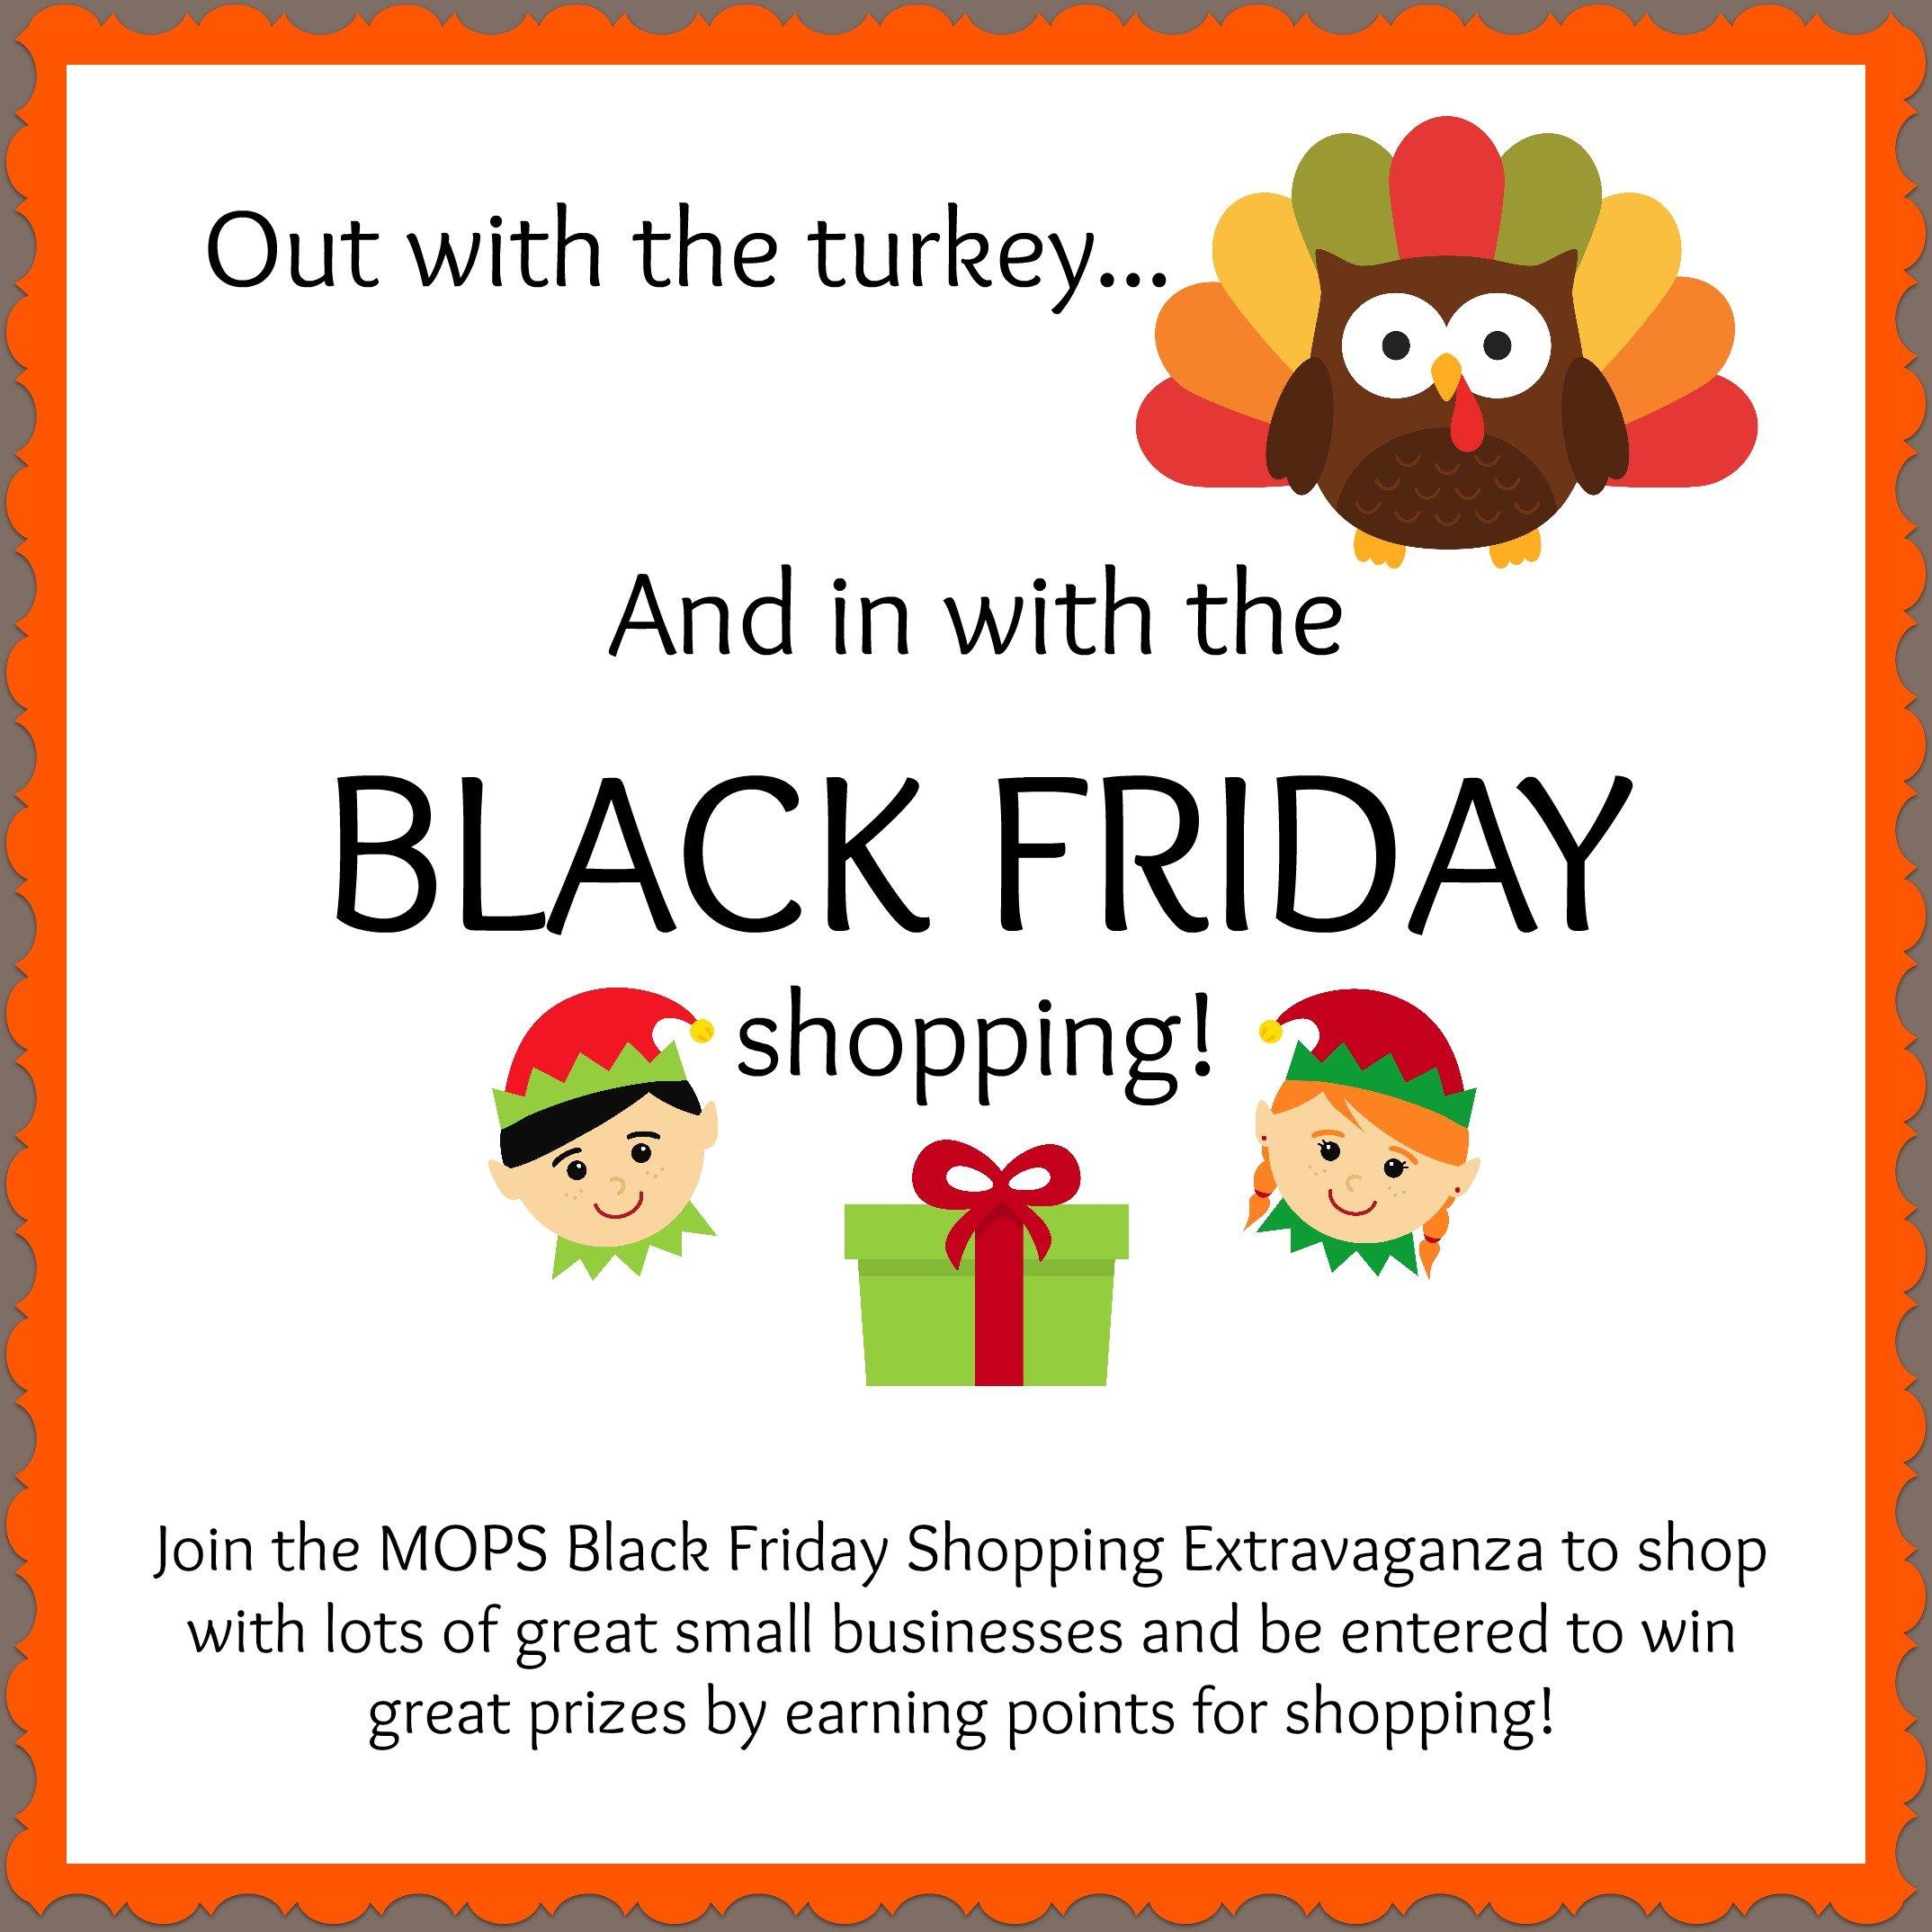 MOPS Black Friday Shopping Extravaganza